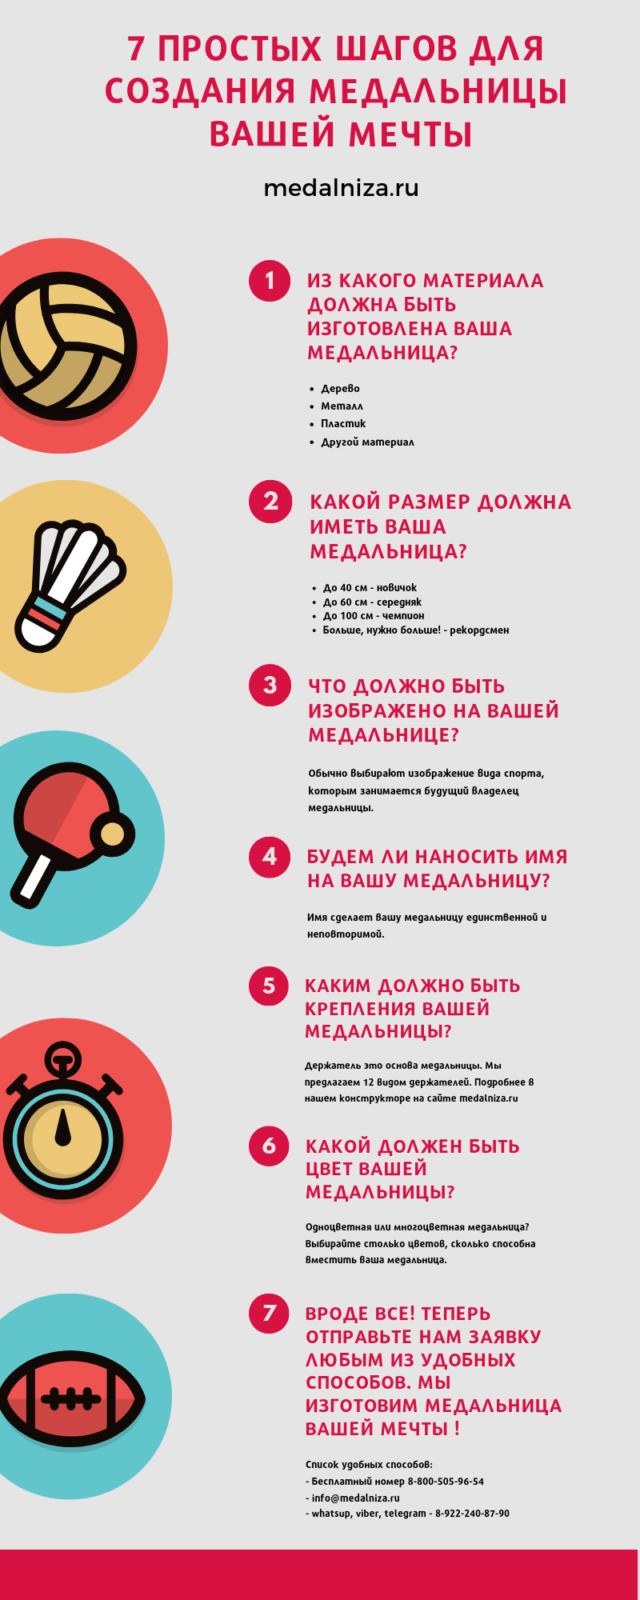 7 простых шагов для создания медальницы вашей мечты